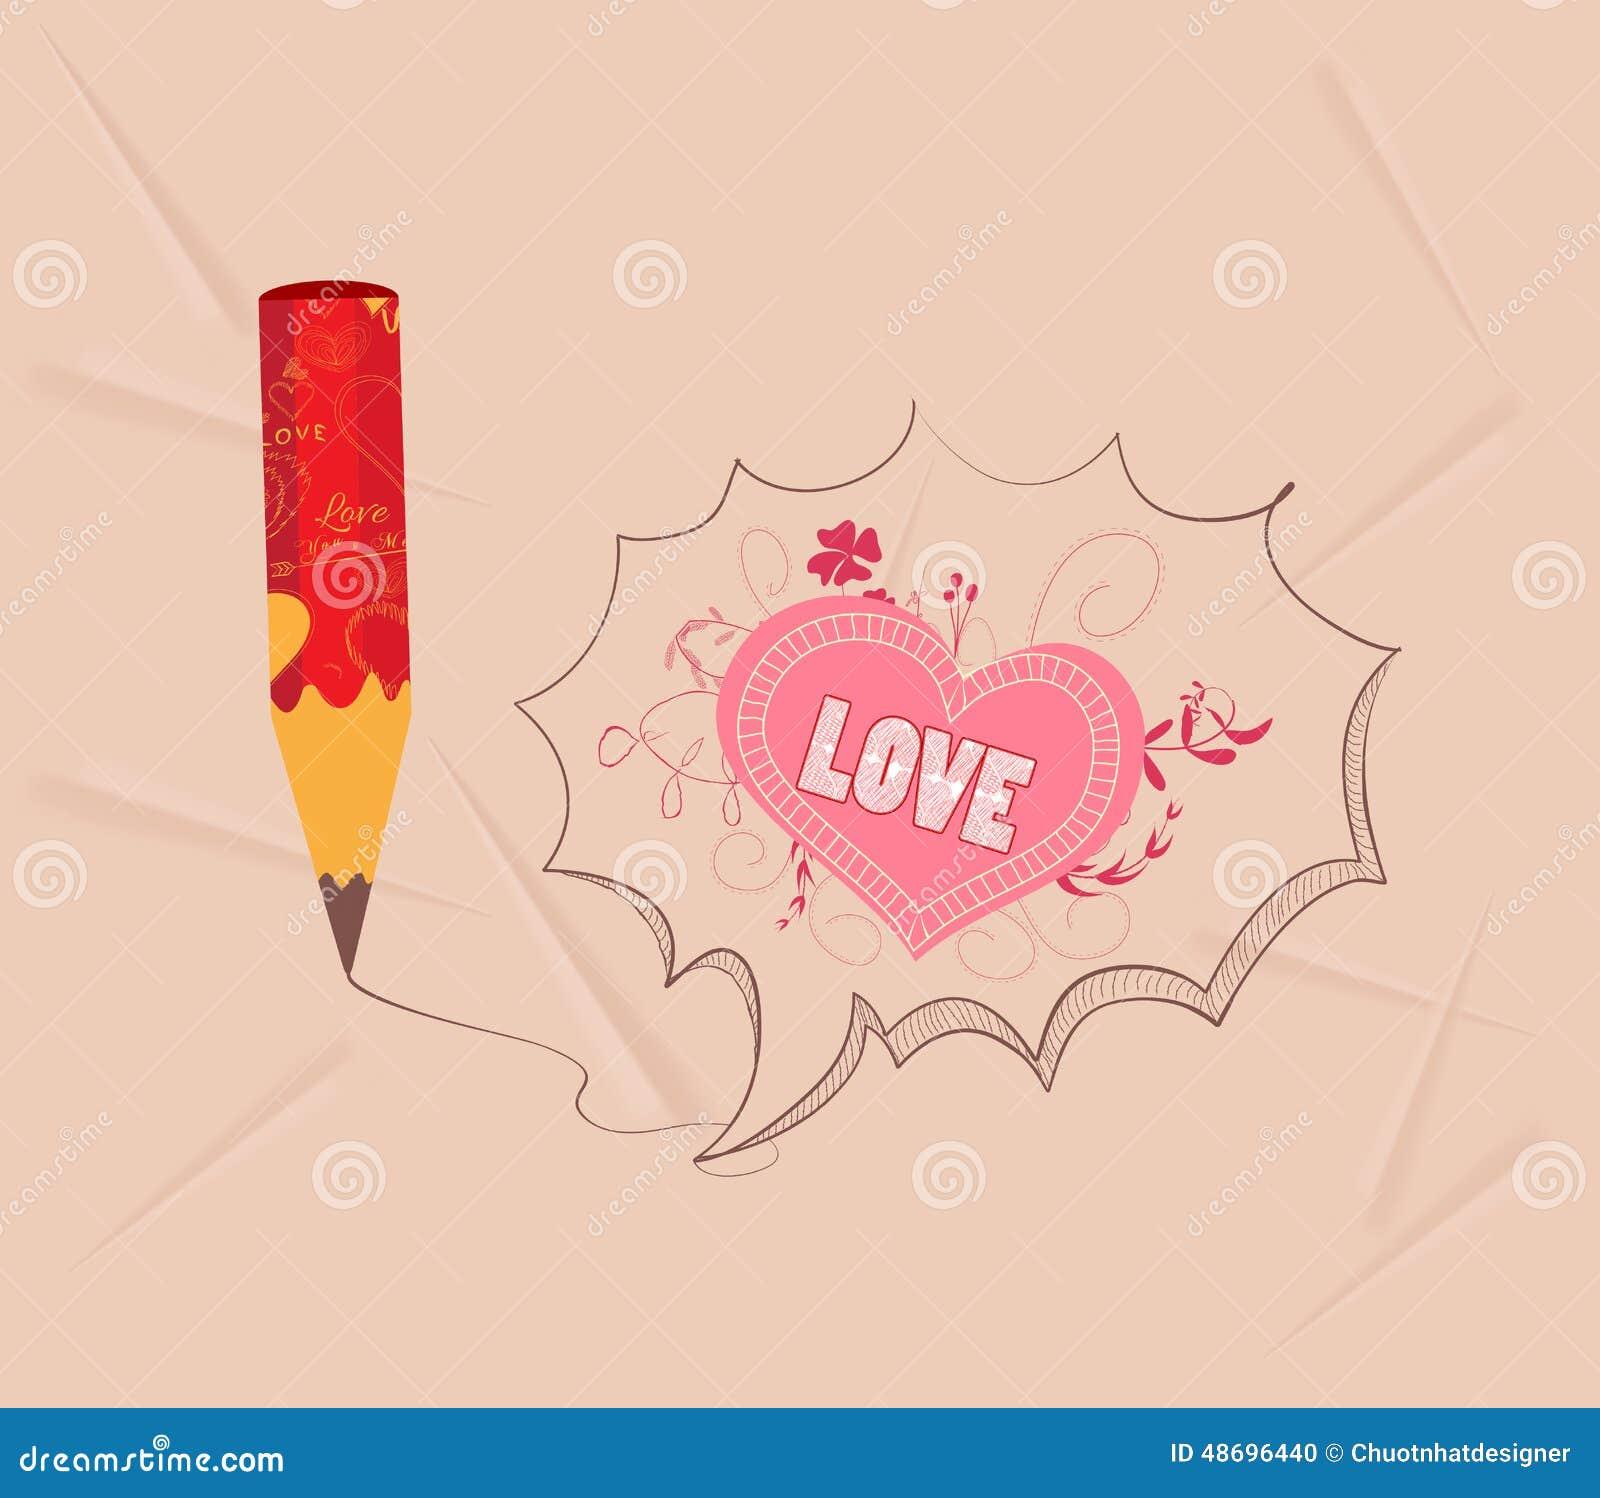 Romantic heart pencil drawings